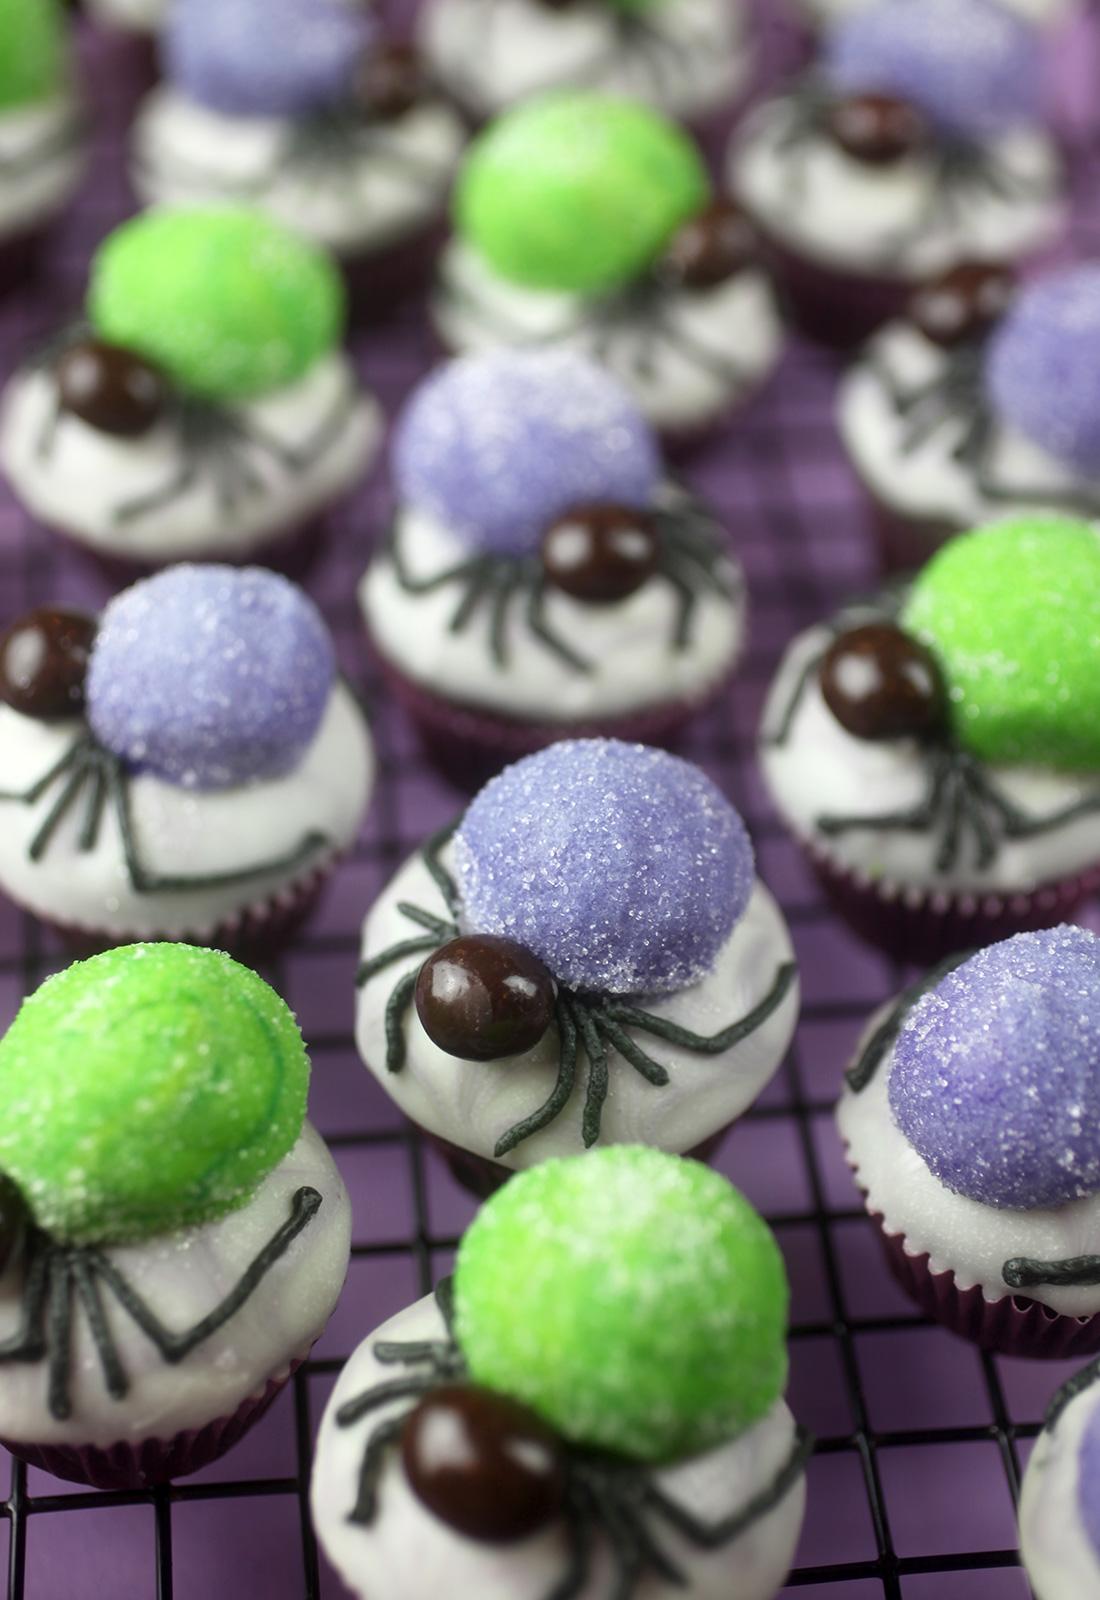 Spider Bites Miniature Cupcakes